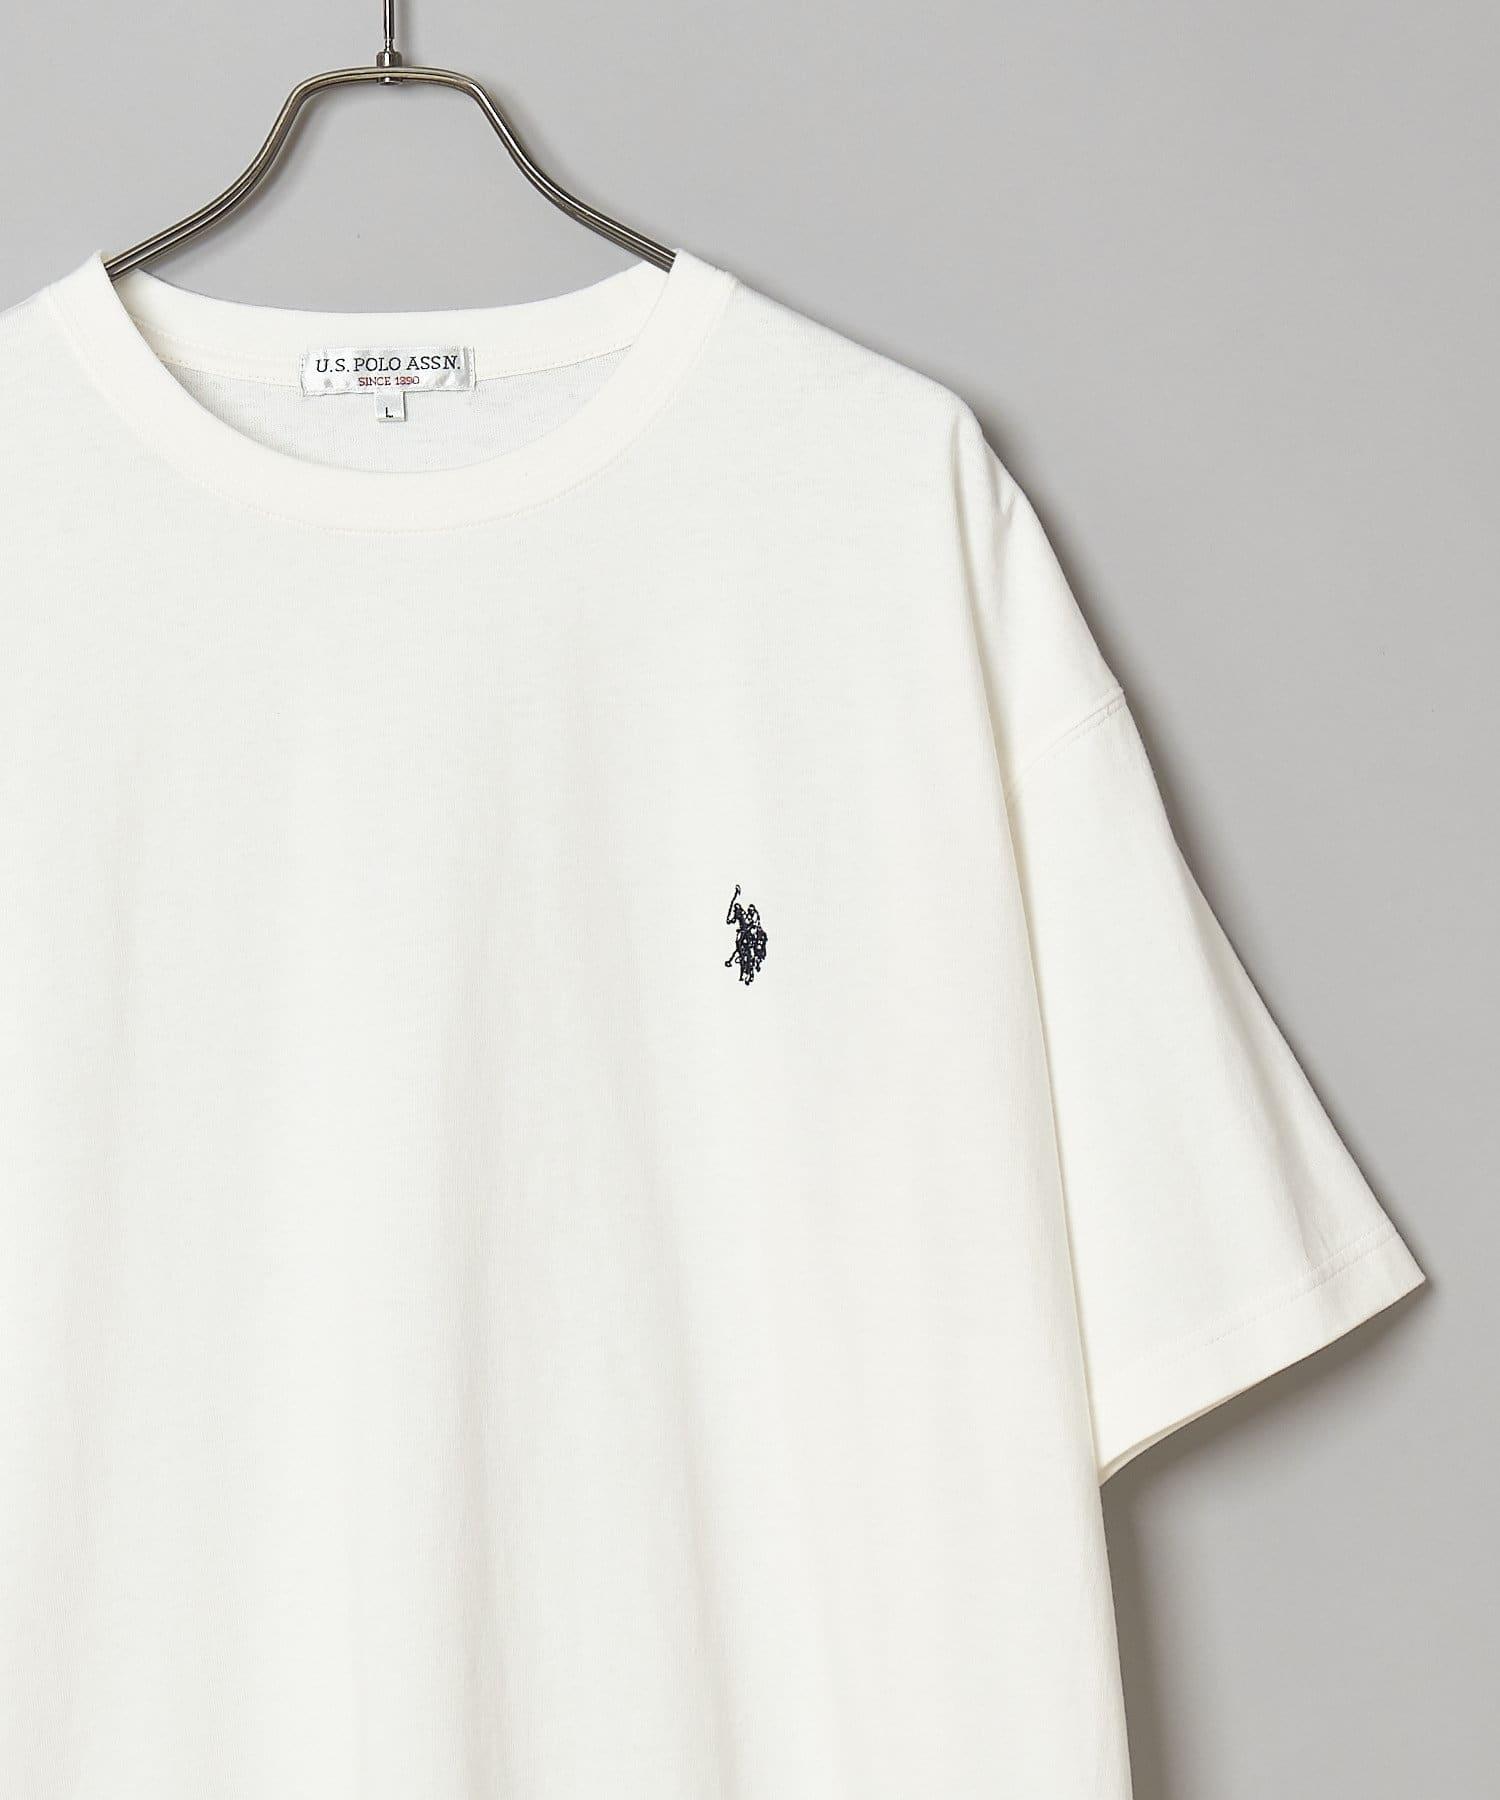 CIAOPANIC(チャオパニック) 【U.S. POLO ASSN. /ユーエスポロアッスン】別注ワンポイント刺繍ロゴビッグシルエットTシャツ